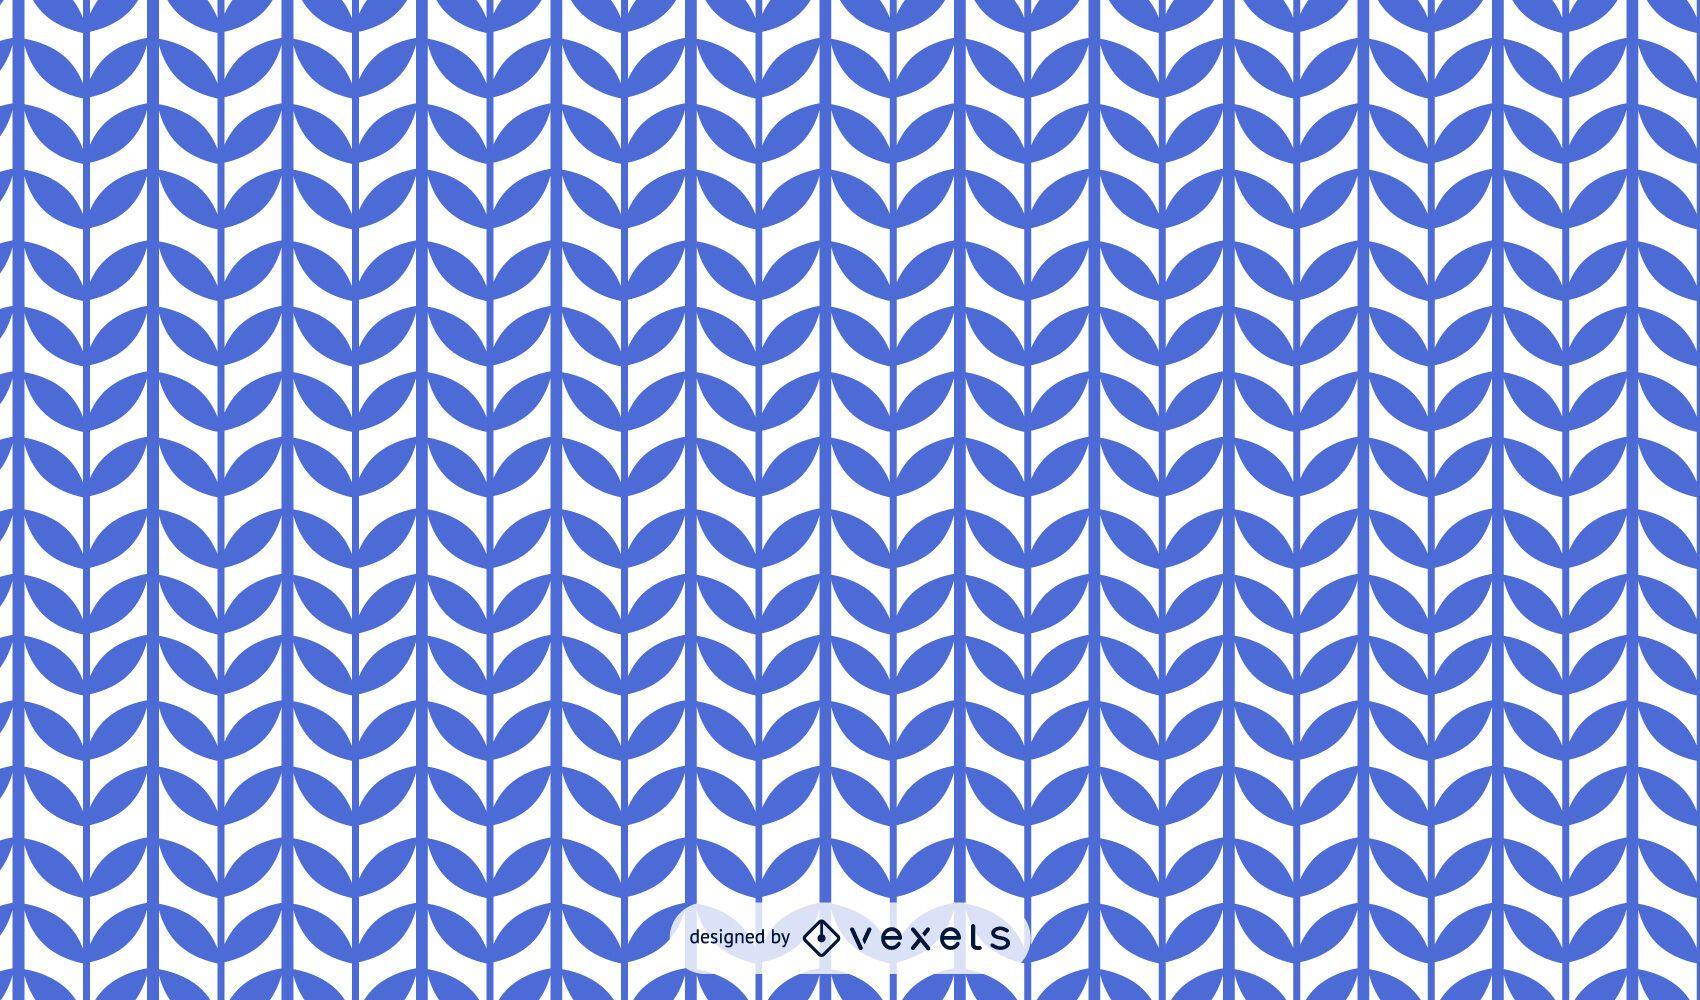 Diseño de patrón de tallo de planta azul